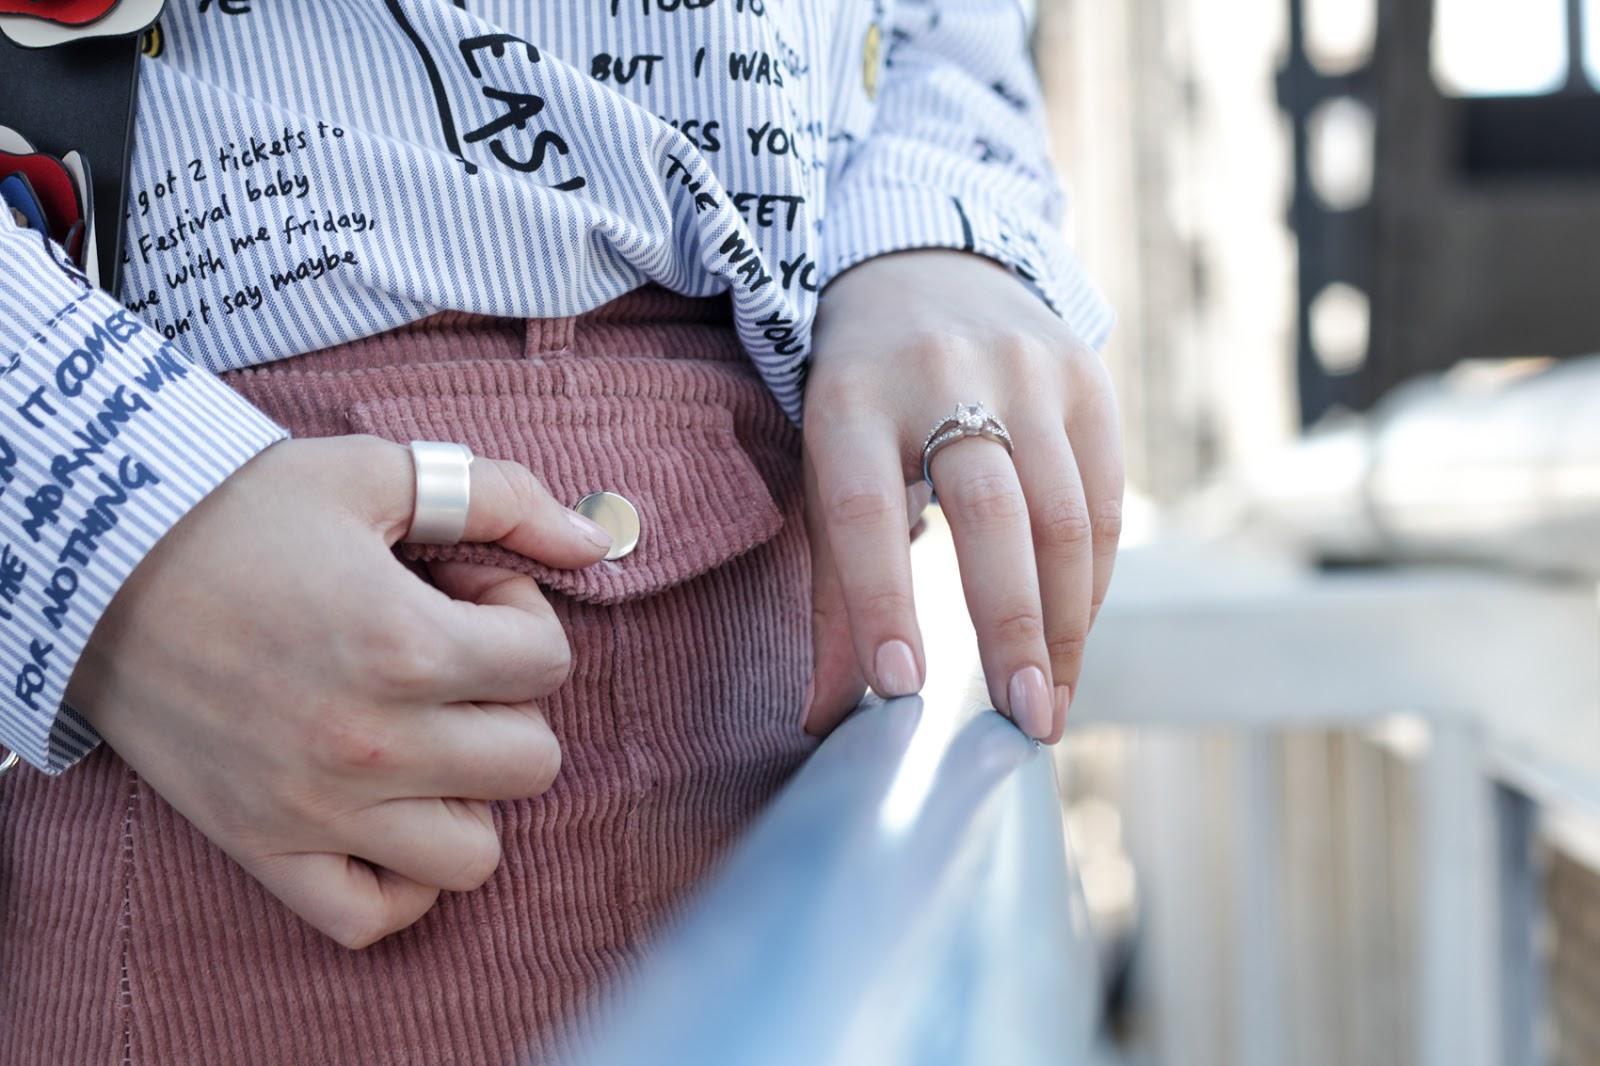 Come Indossare una minigonna senza sembrare volgari!  5 consigli per un look impeccabile!